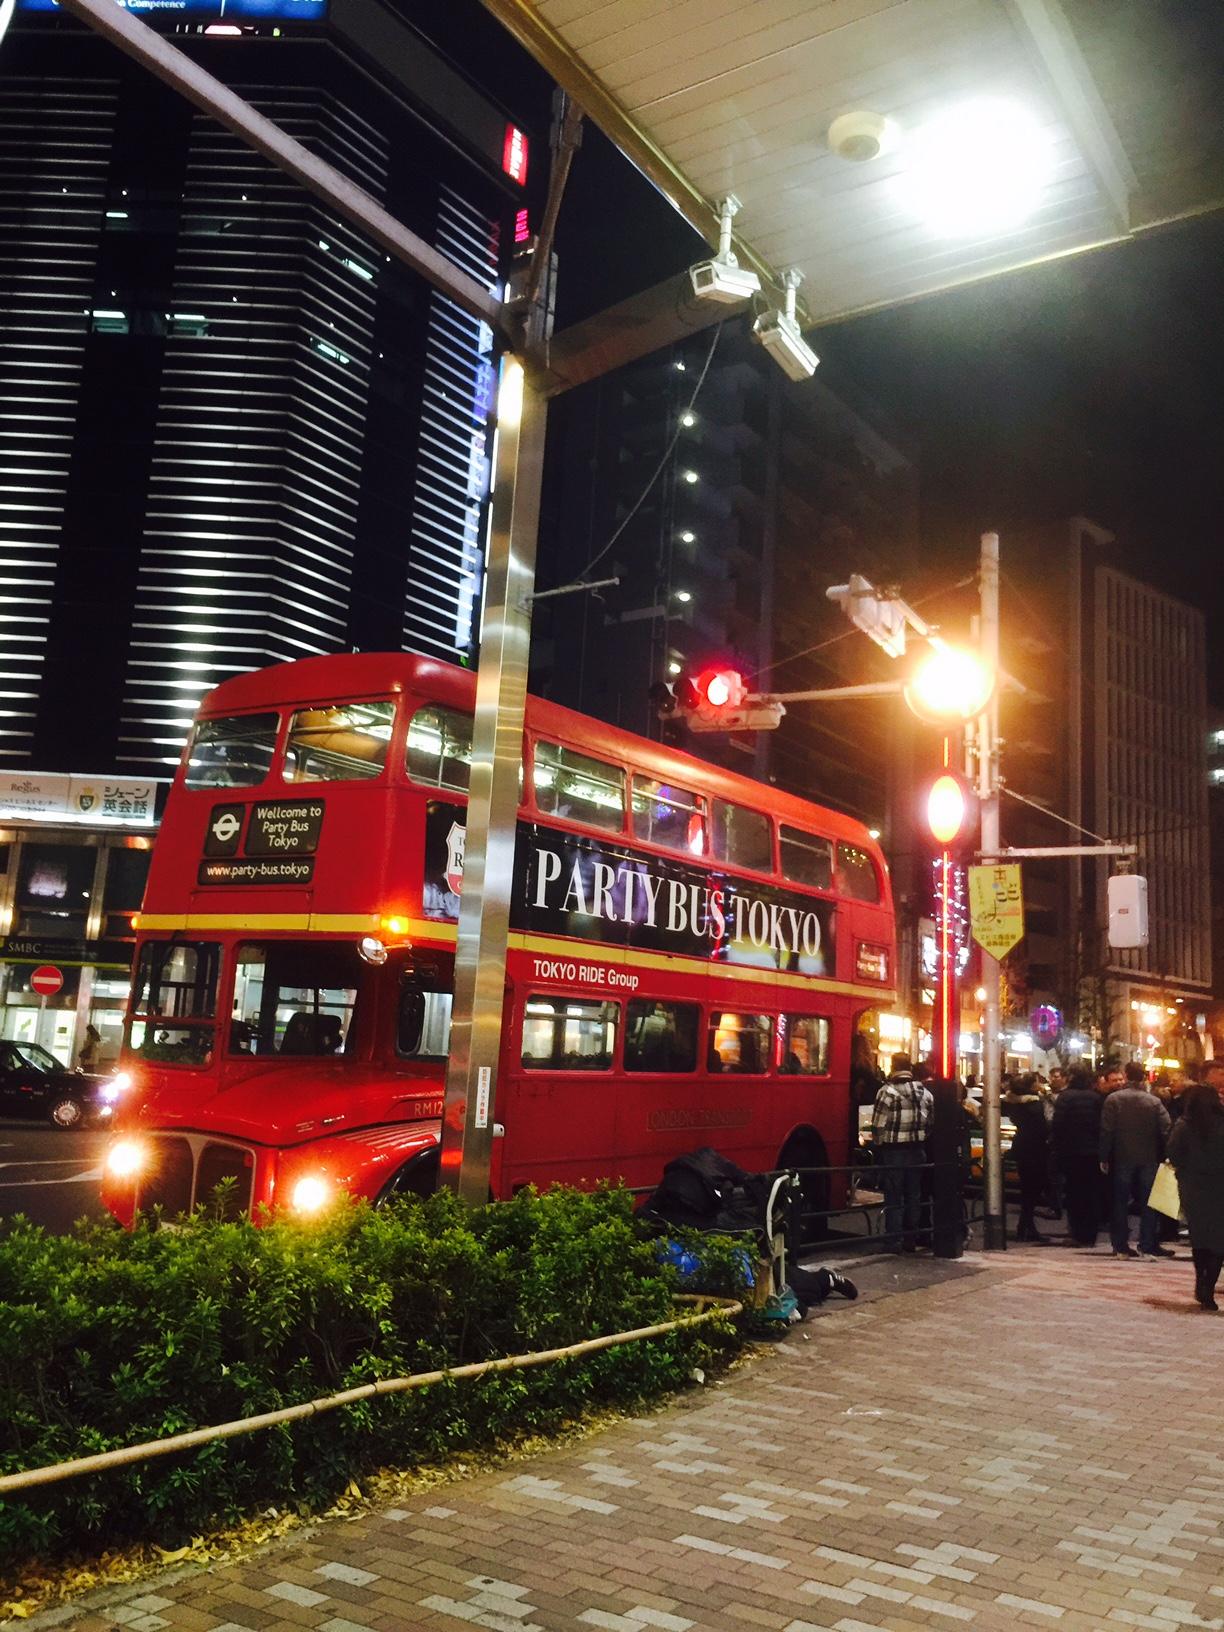 PARTY BUS TOKYO